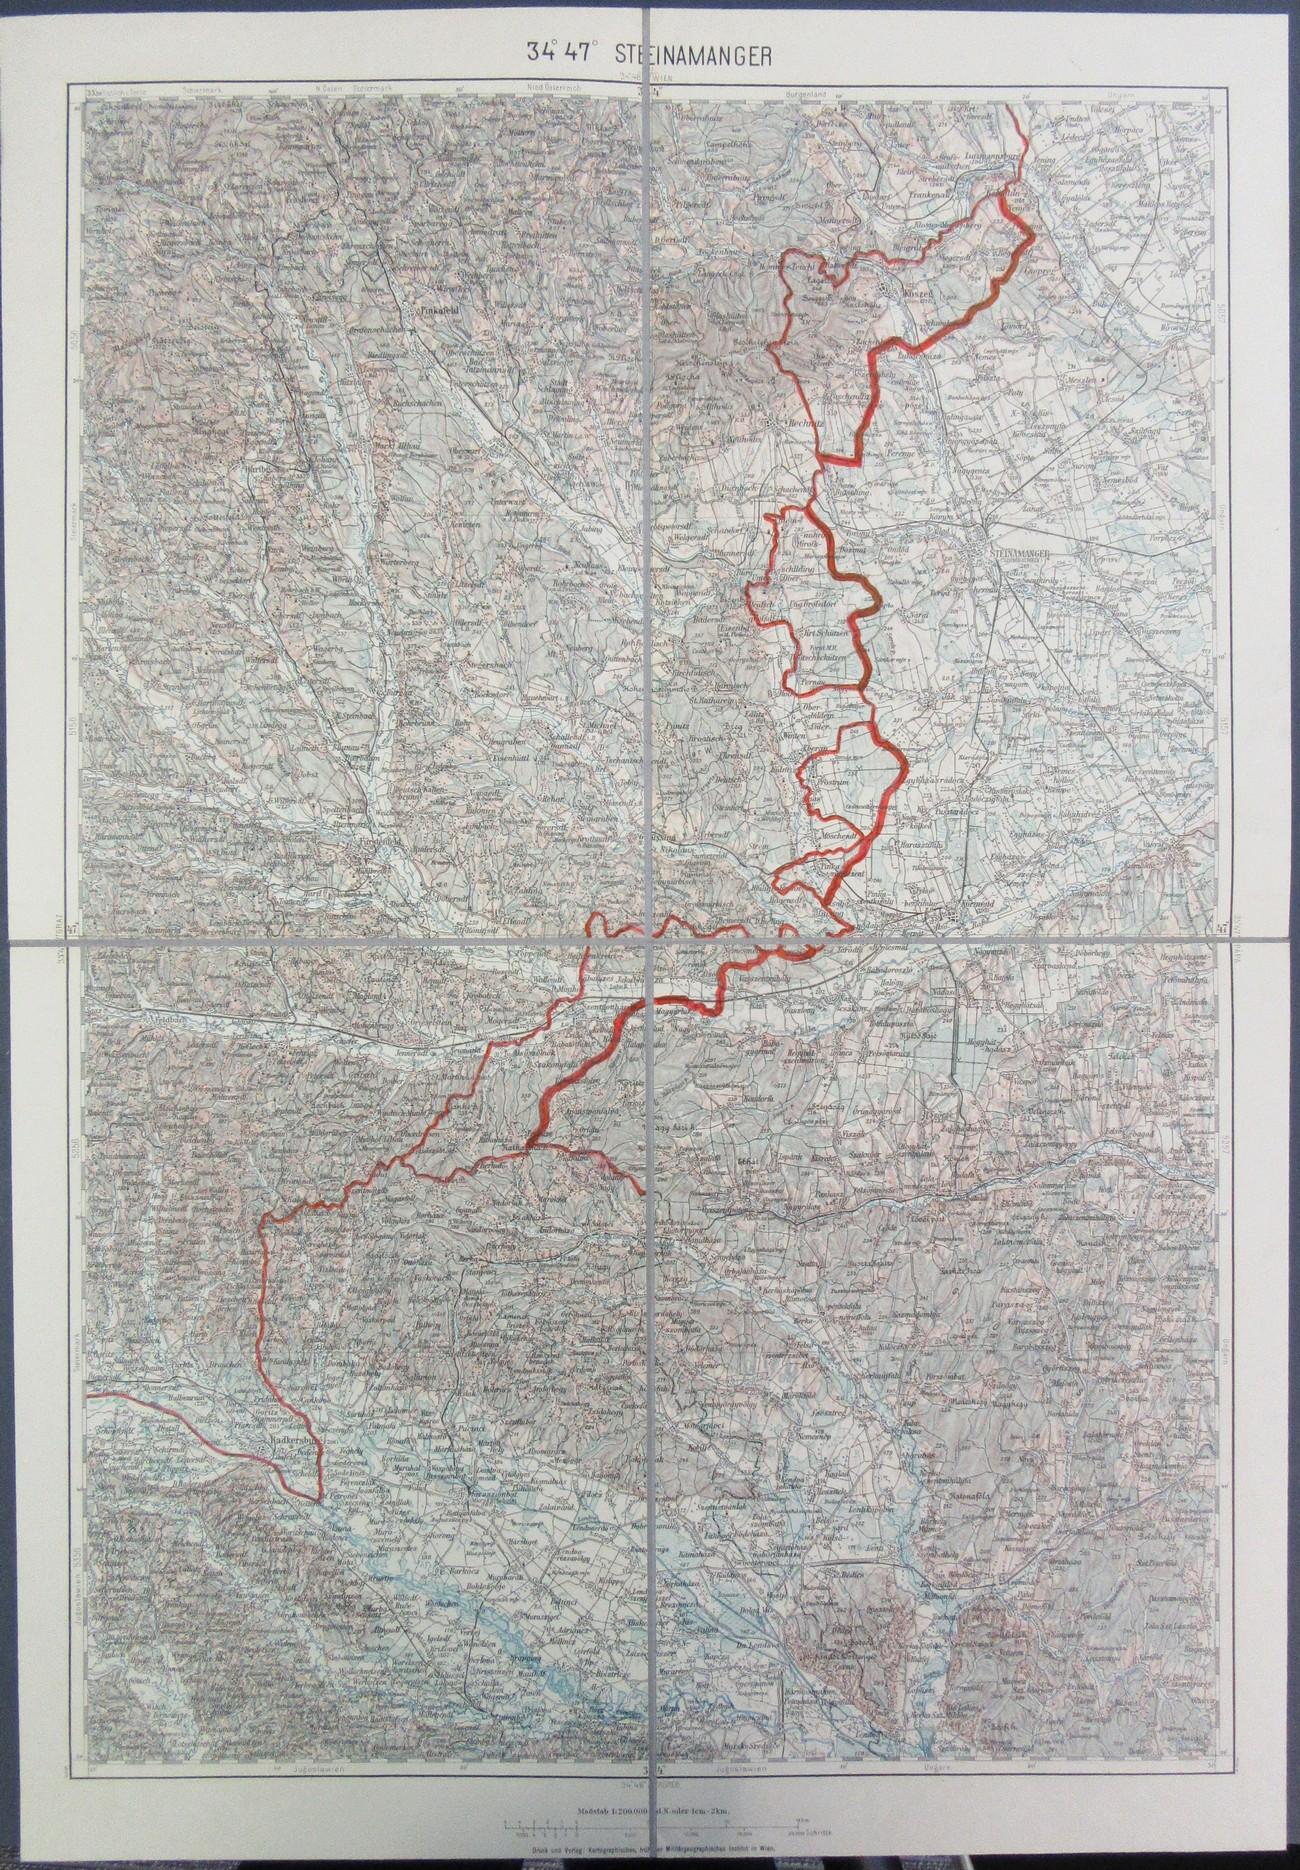 Neuresničeni nemški načrt za nov izris meje z vključitvijo Porabja, ki ga je izdal Kartografski (prej Vojaško- geografski) inštitut na Dunaju. Na jugu in jugozahodu bi priključili ozemlje v smeri Ritkarovci-Verica v predelu Dveh Dolin (madž. Kétvölgy) vse do Katinbrega (Katicin breg; nem. Katharinaberg) tik ob madžarsko- jugoslovanski meji. Politisches Archiv des Auswärtigen Amts. Berlin (1934-), R 105159, Pol. XII 39. Kartenbeilage XI. Geheime Reichssache.